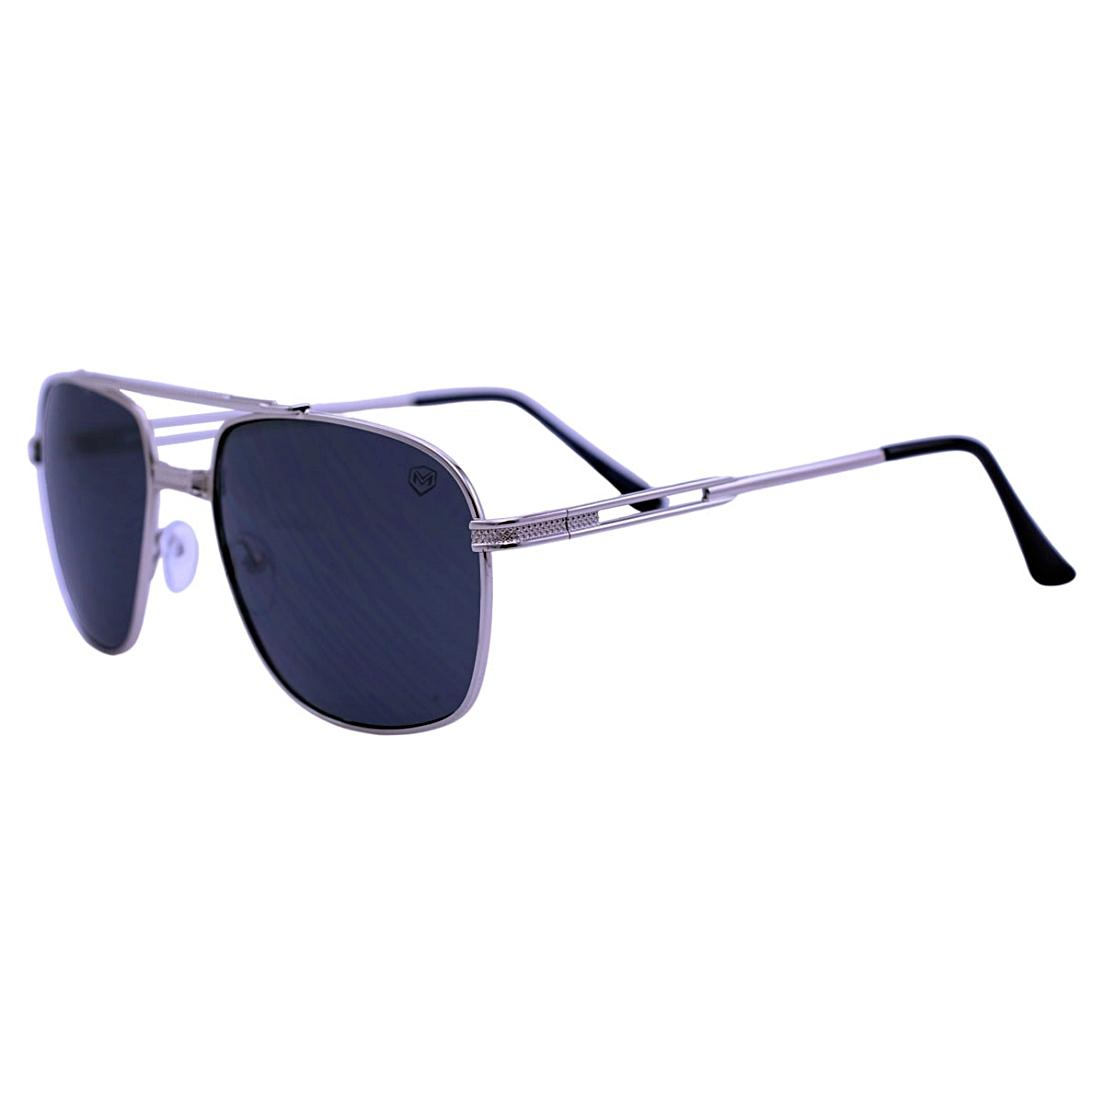 Óculos De Sol Mackage Unissex Metal Aviator - Dourado